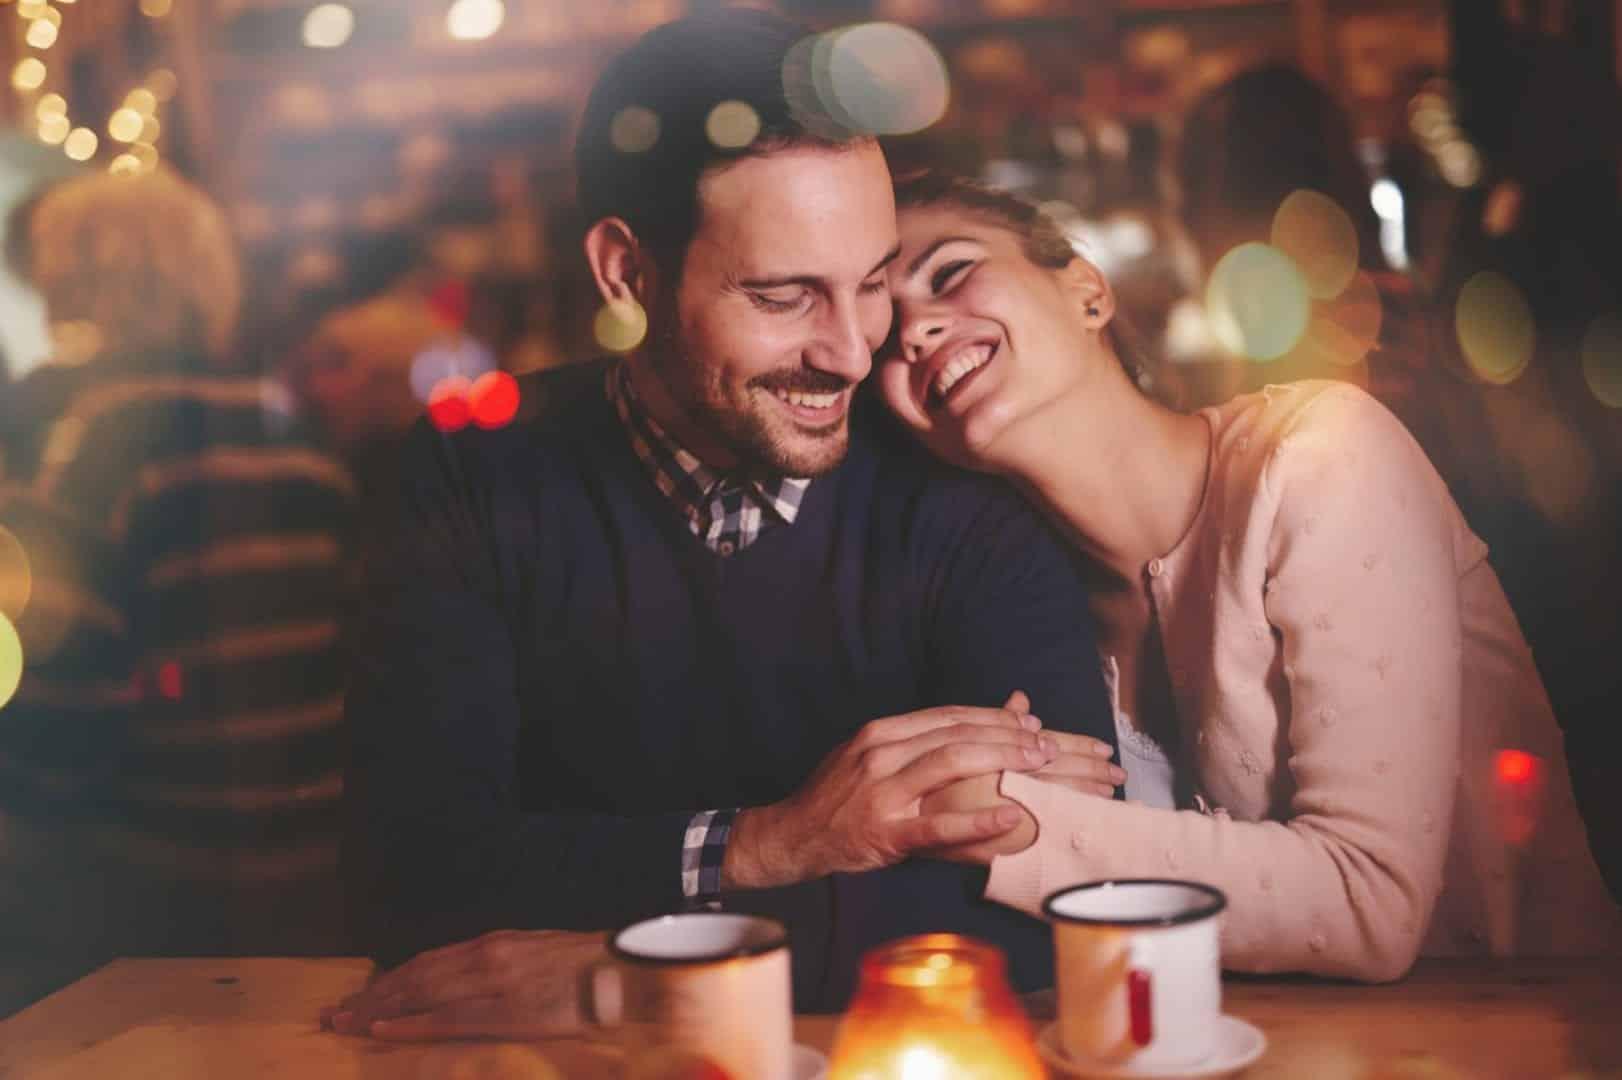 Surpresas para namorado - Ideias de presentes e comemorações